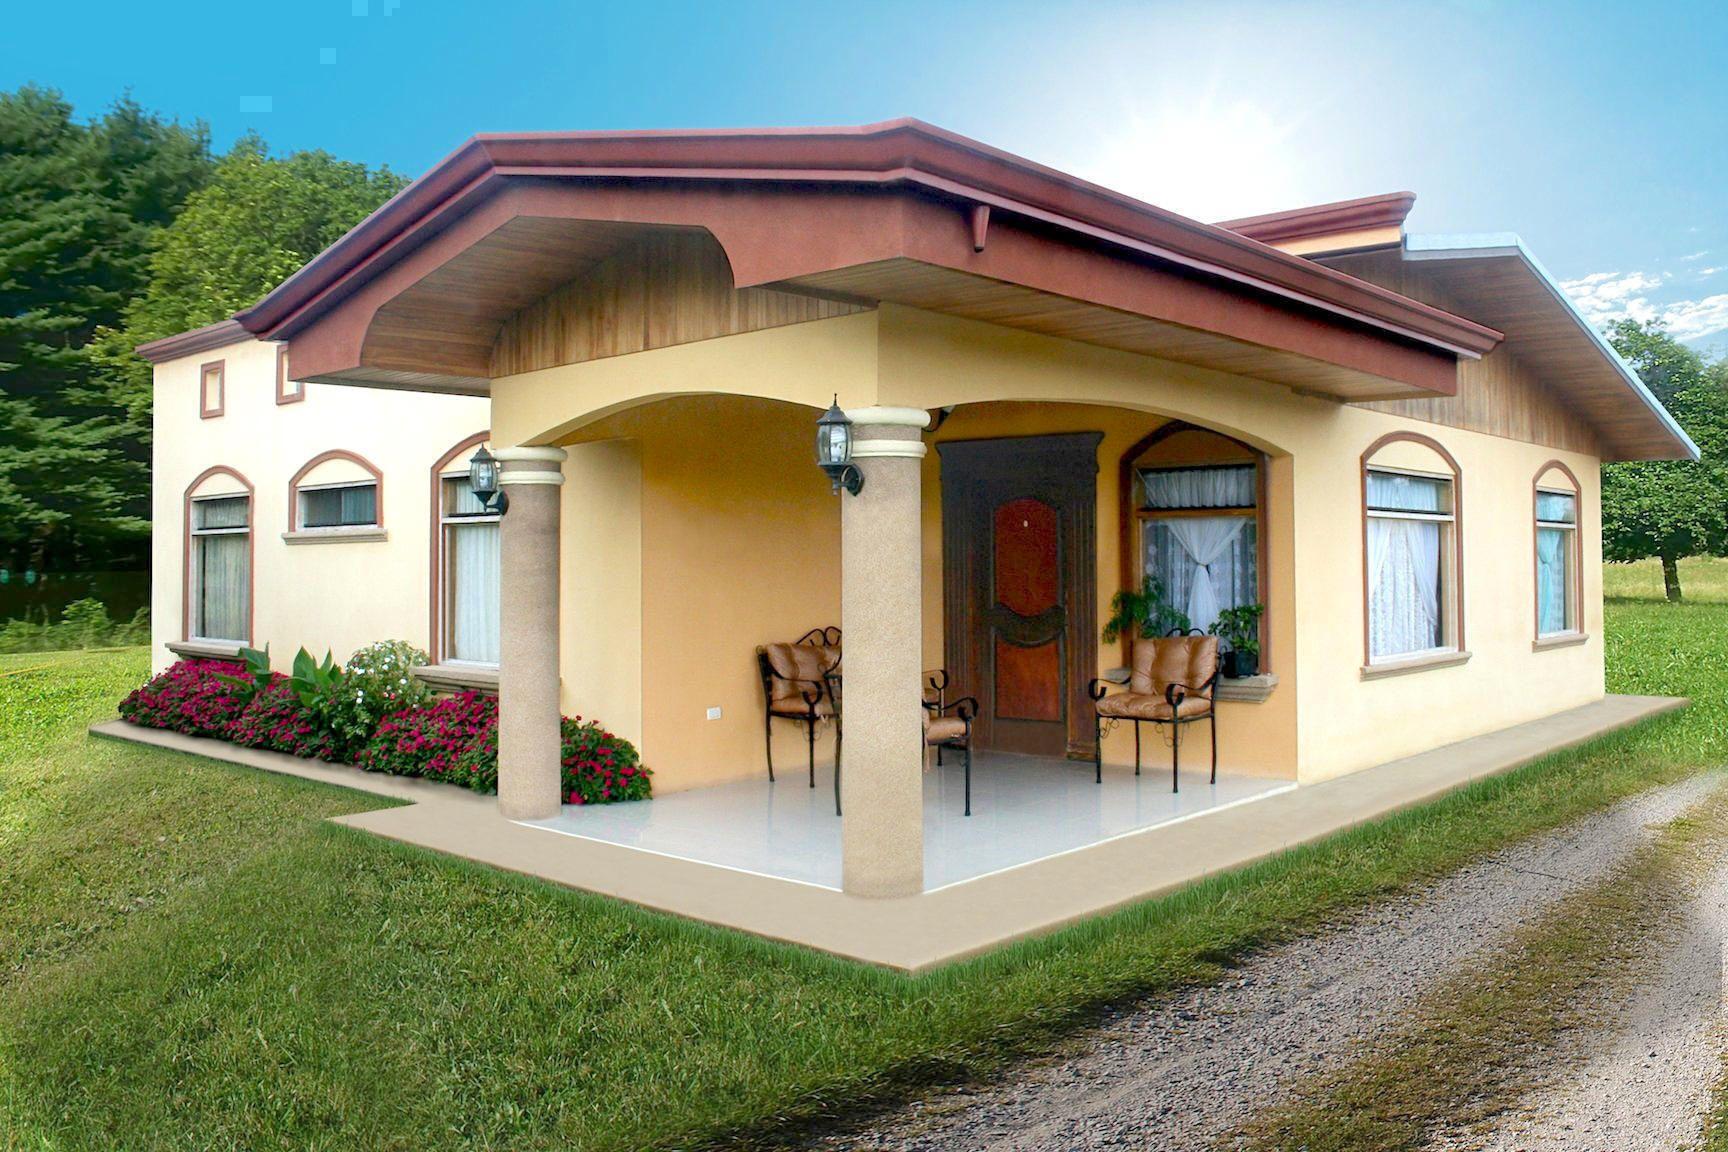 Nice small homes